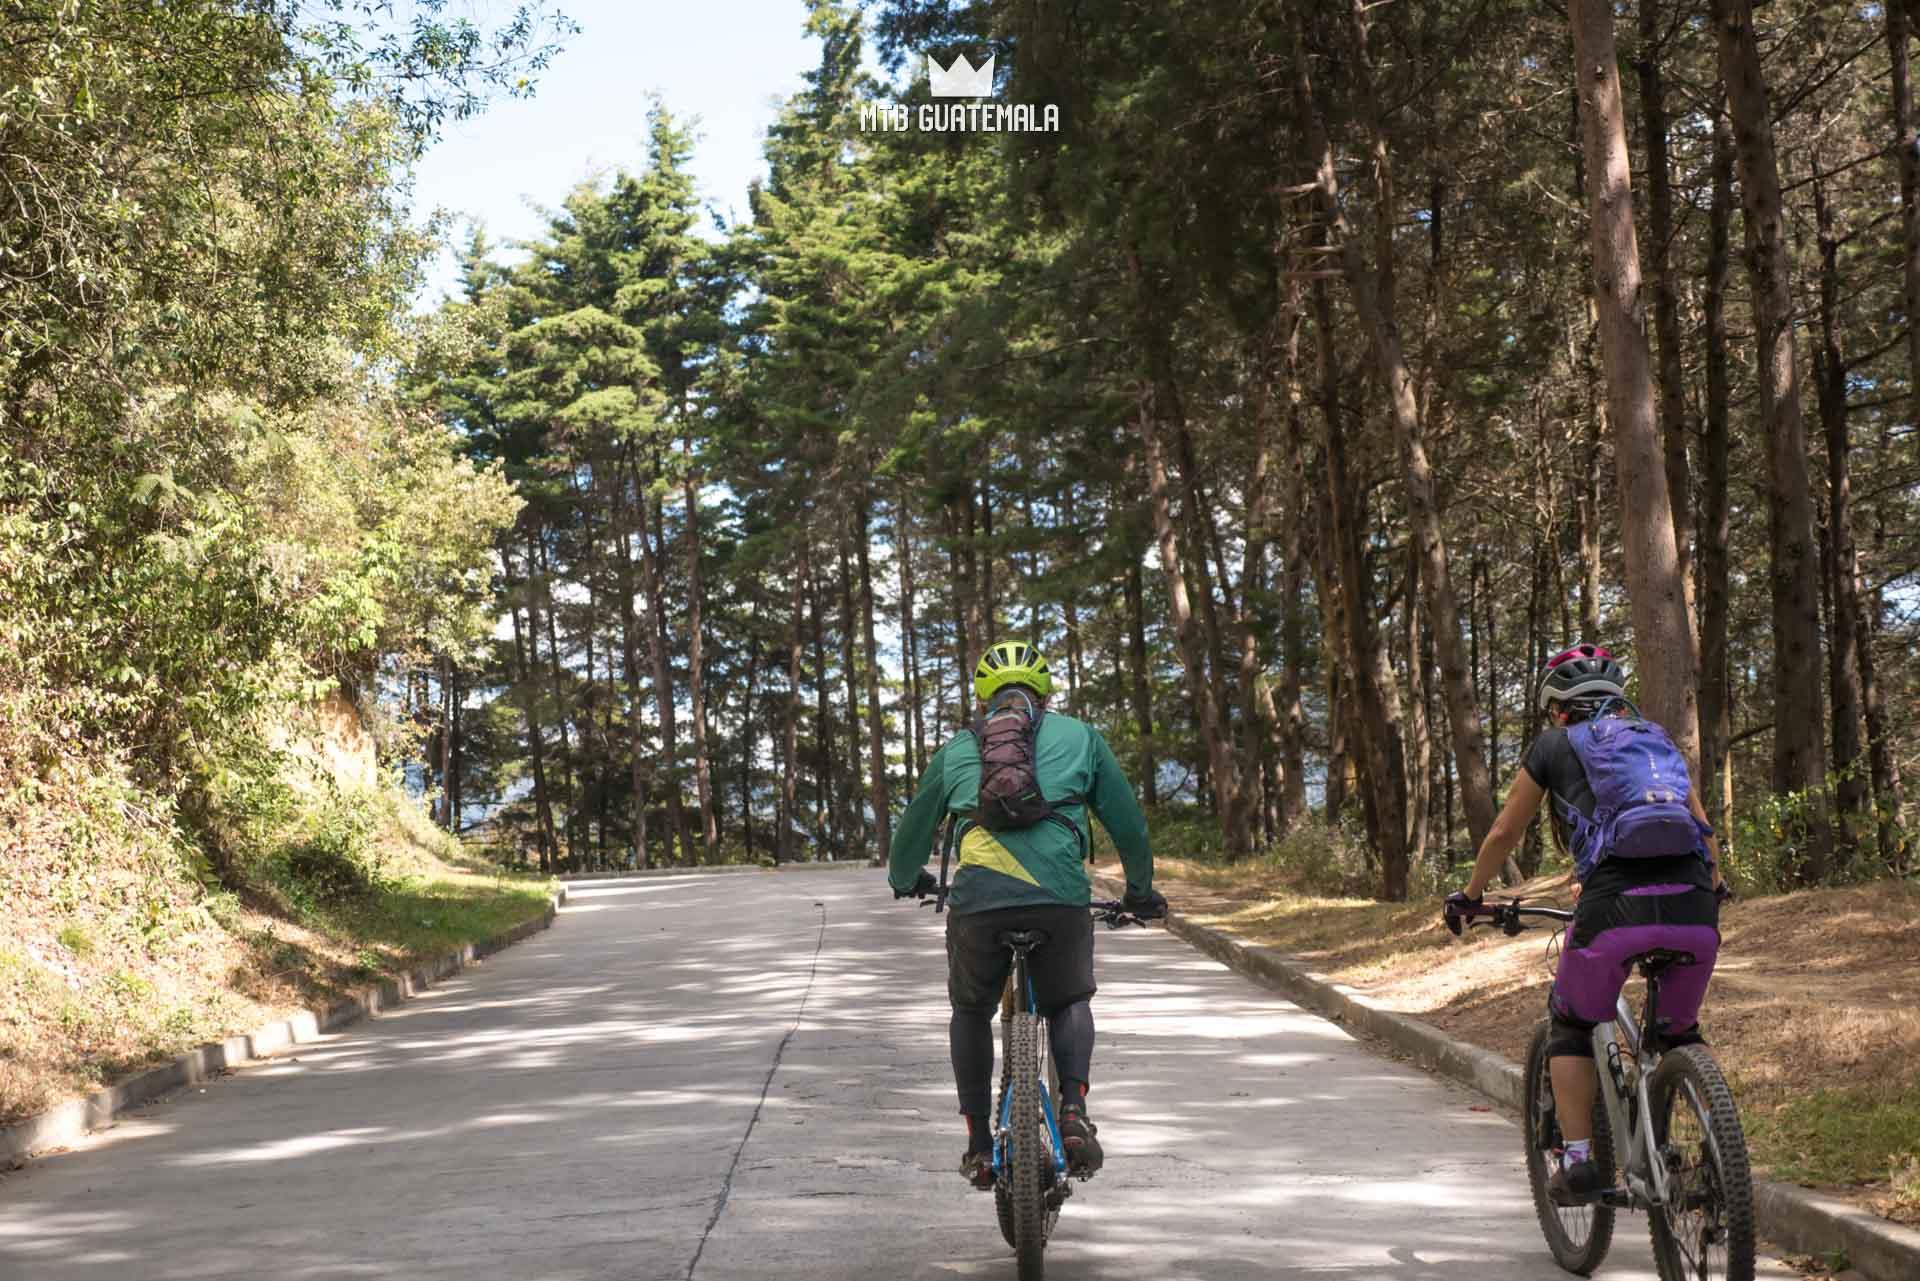 BIGMTN-180219-031-G85.dng - Florencia Mountain Bike Tour Antigua Guatemala